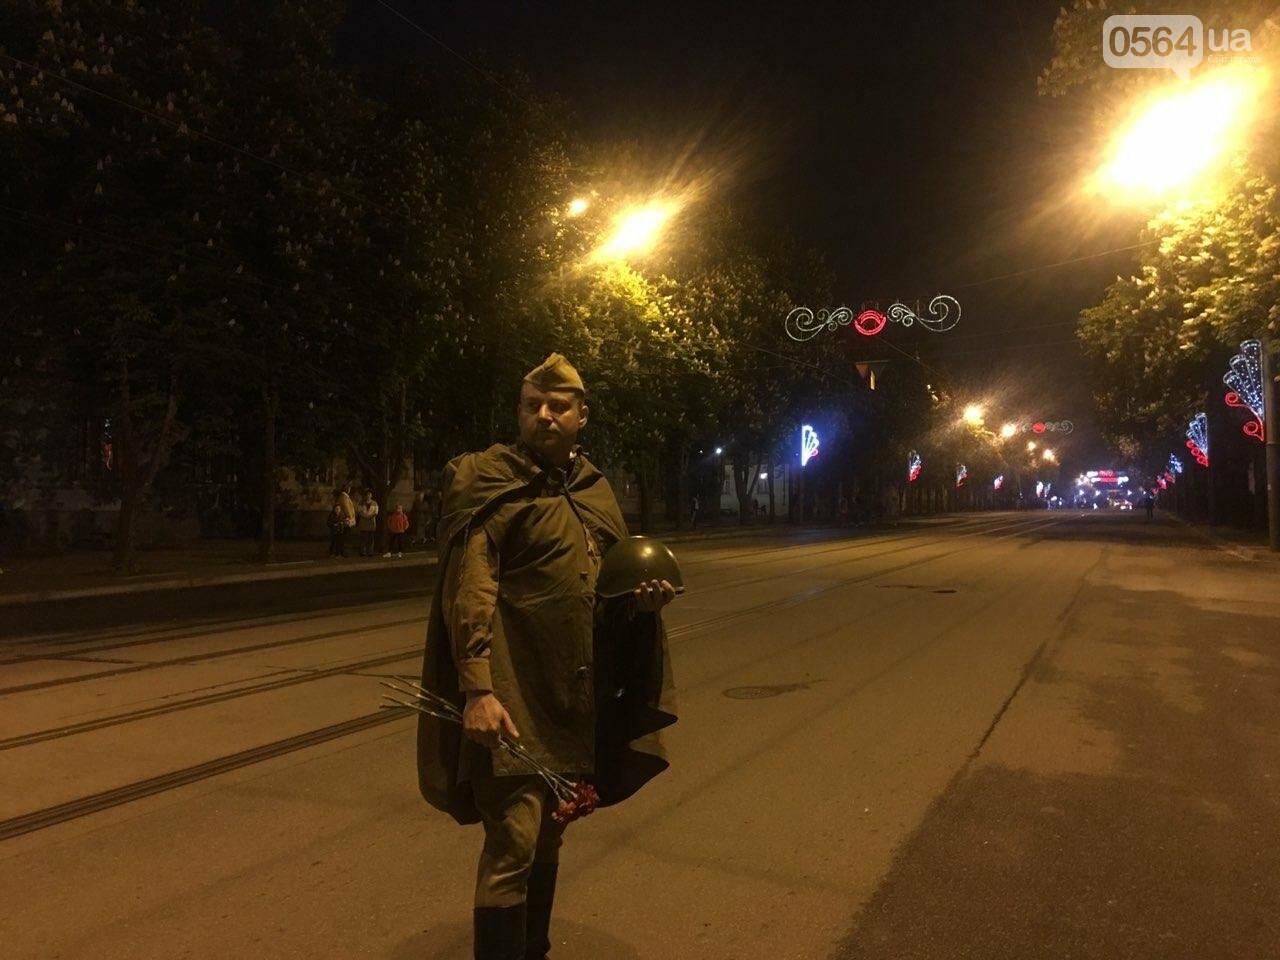 В Кривом Роге затемно начали отмечать День победы над нацизмом во Второй мировой войне, - ФОТО, ВИДЕО, фото-25